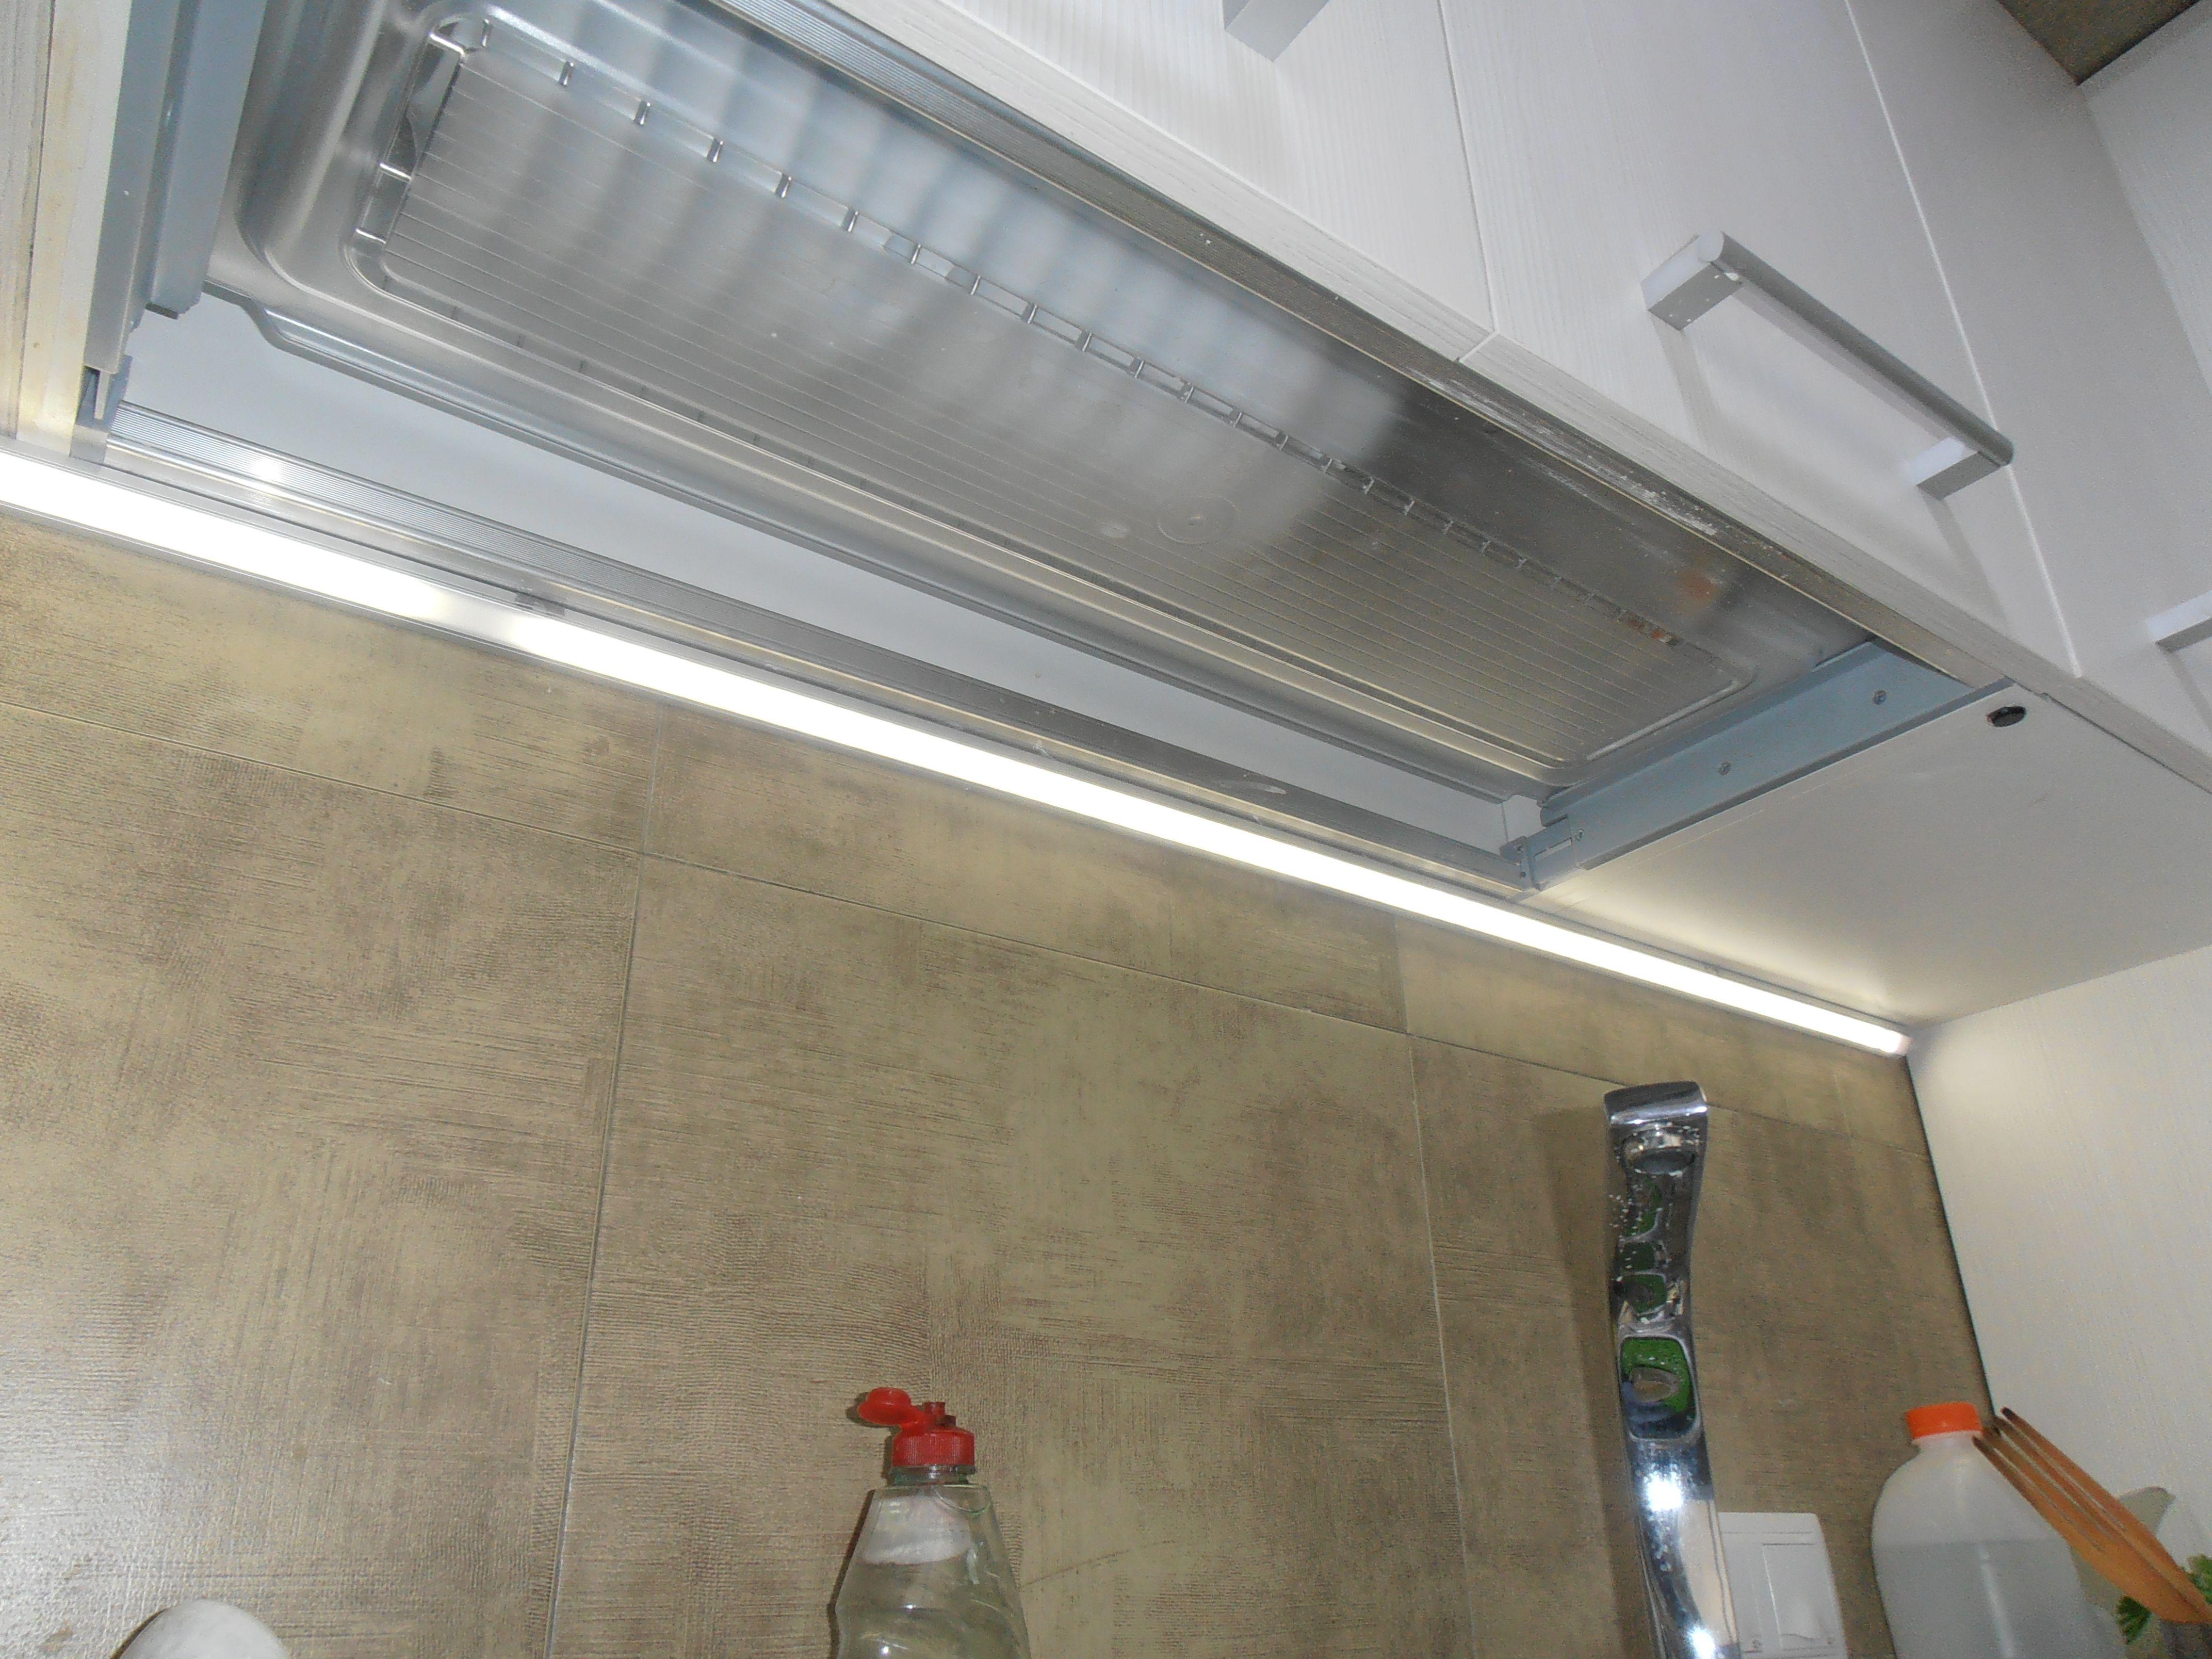 iluminacin de encimera en cocina mediante la instalacin de tiras de led en perfieles de aluminio